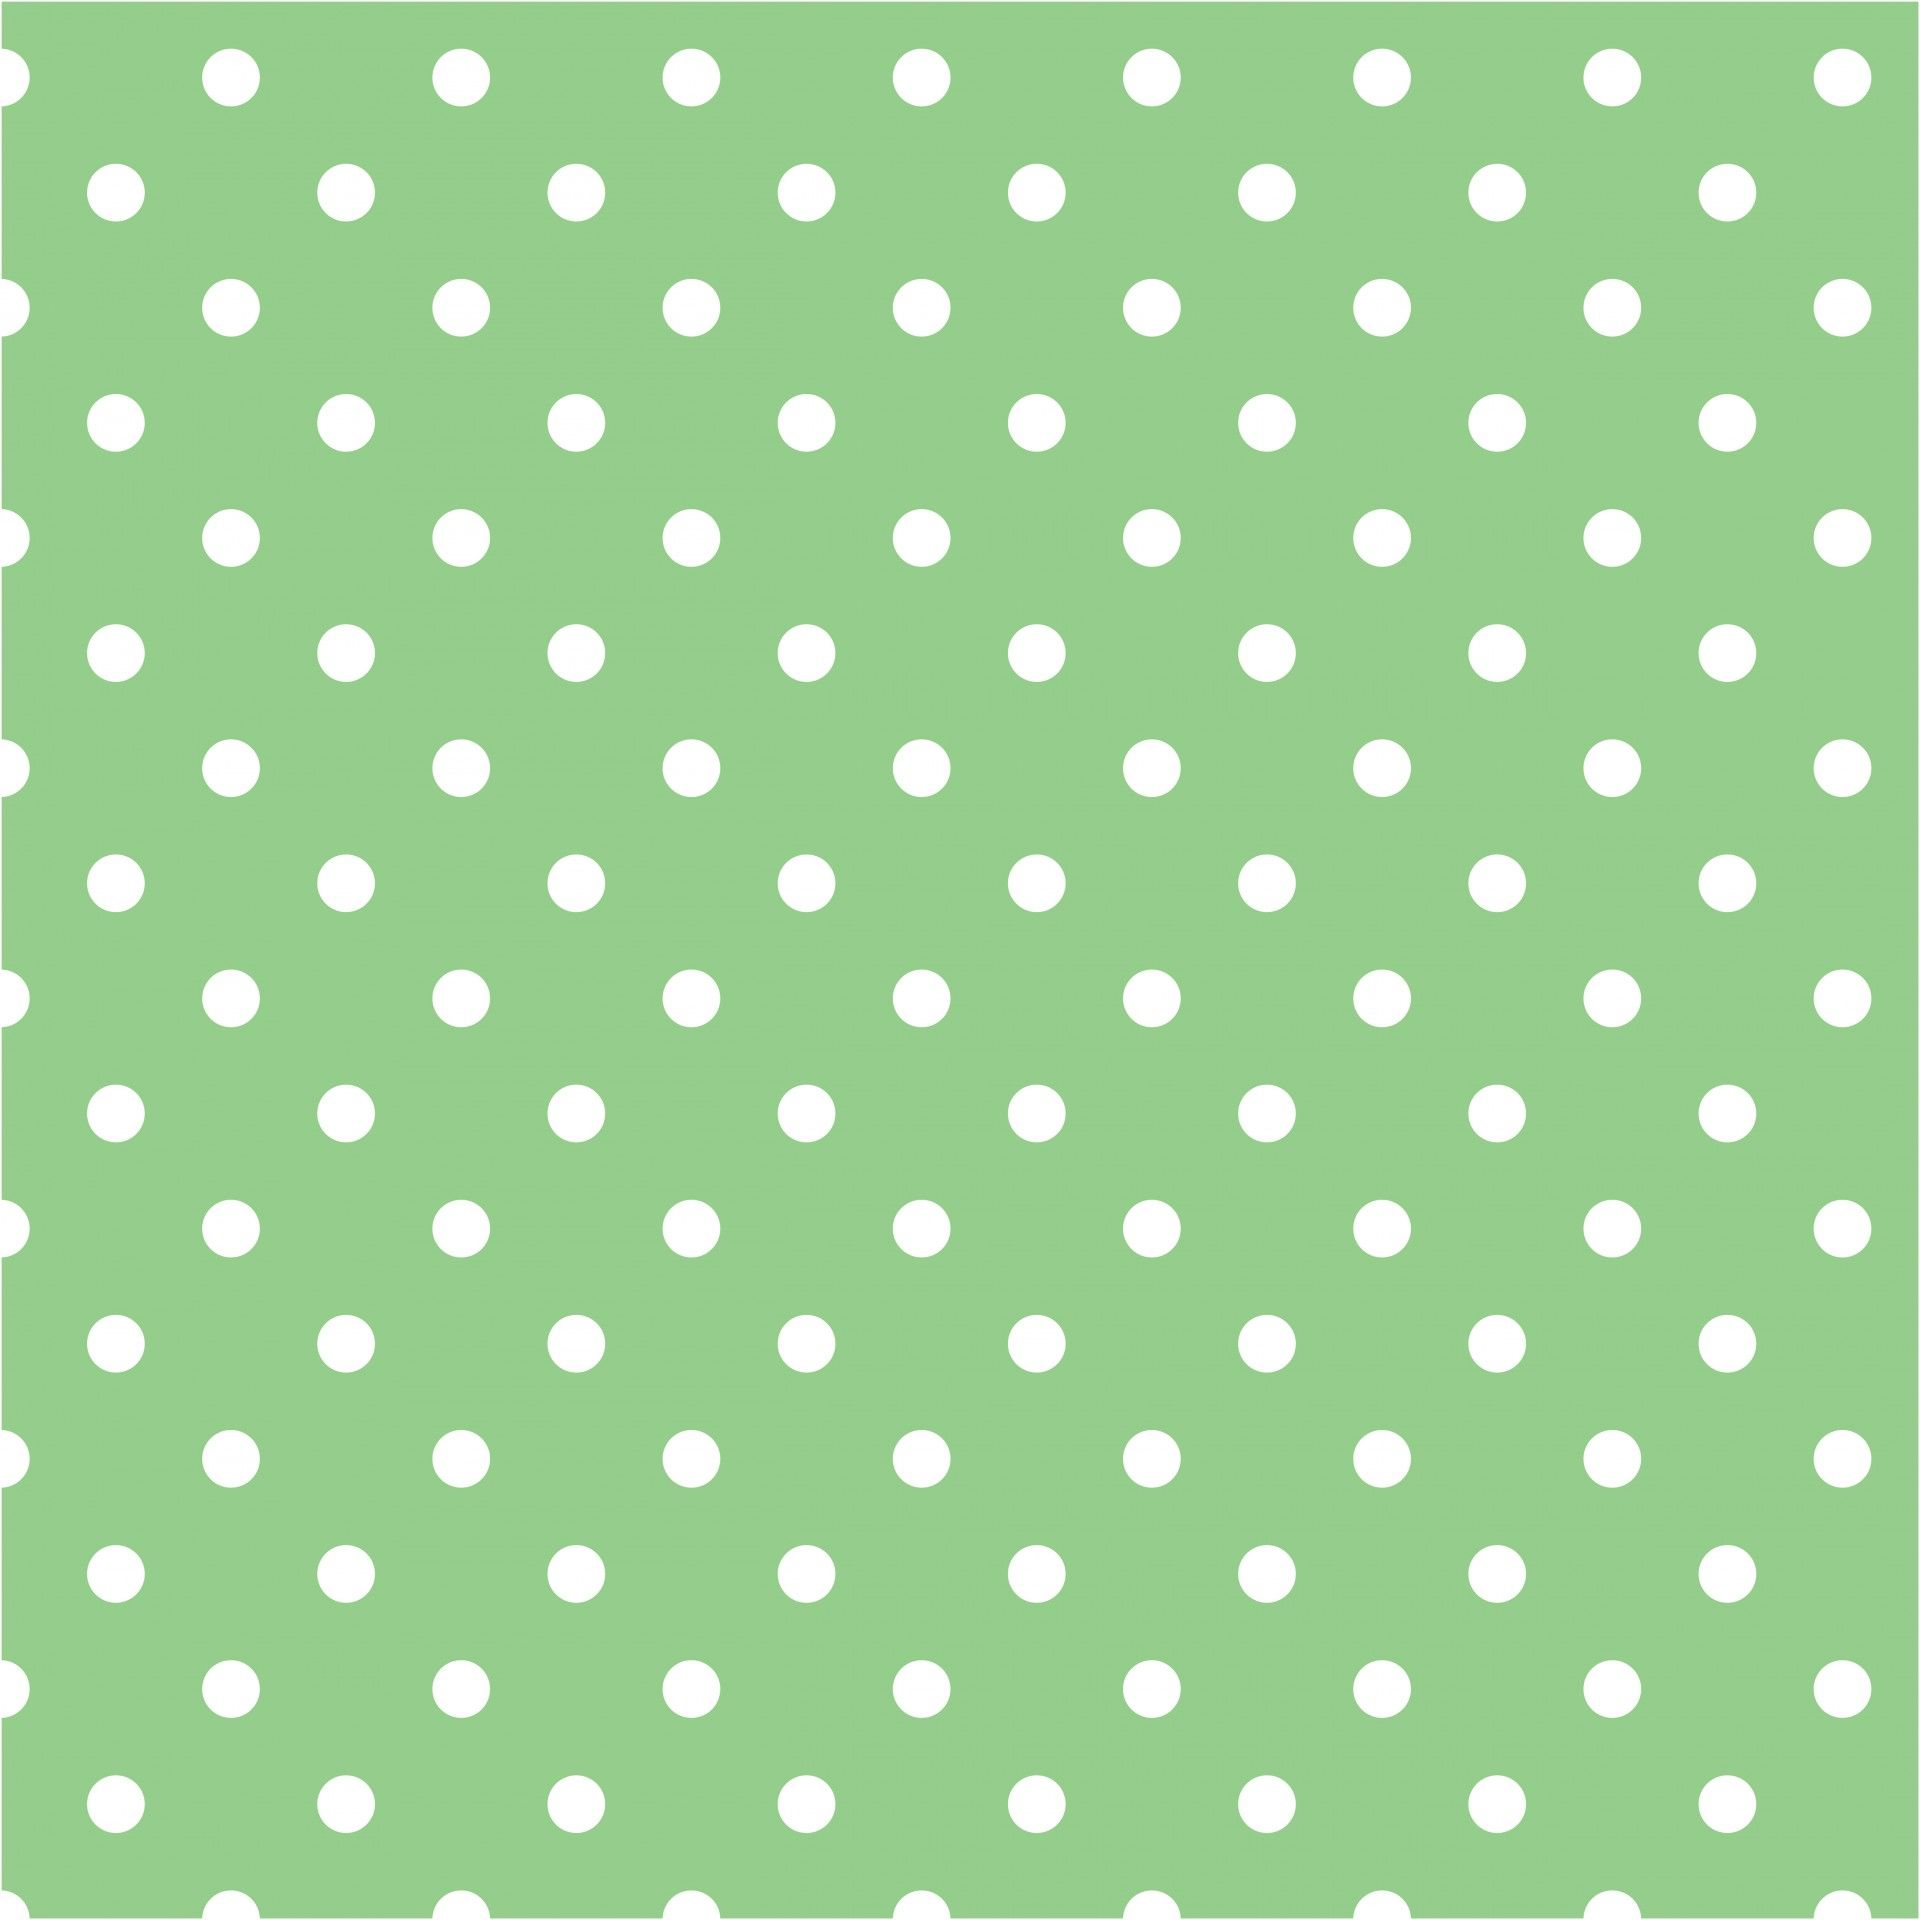 Green polka dot background library ideas pinterest for Polka dot wallpaper